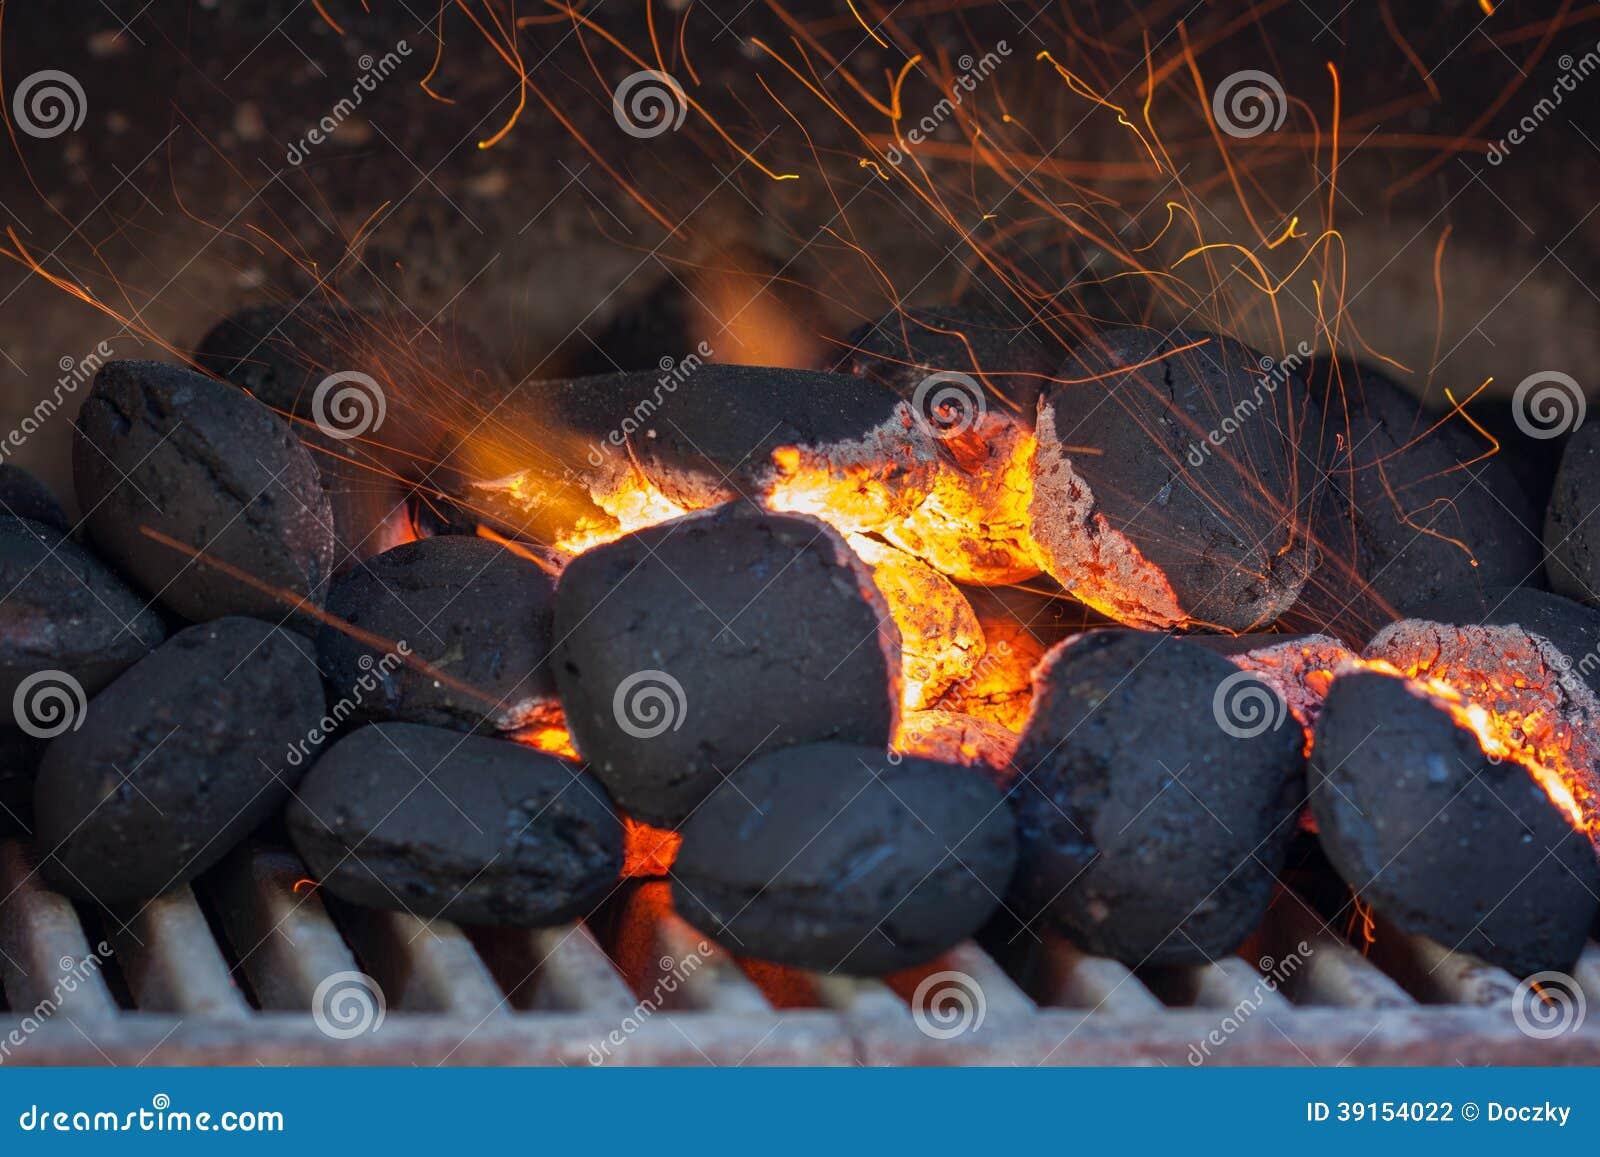 Briquettes de charbon de bois avec des étincelles du feu.